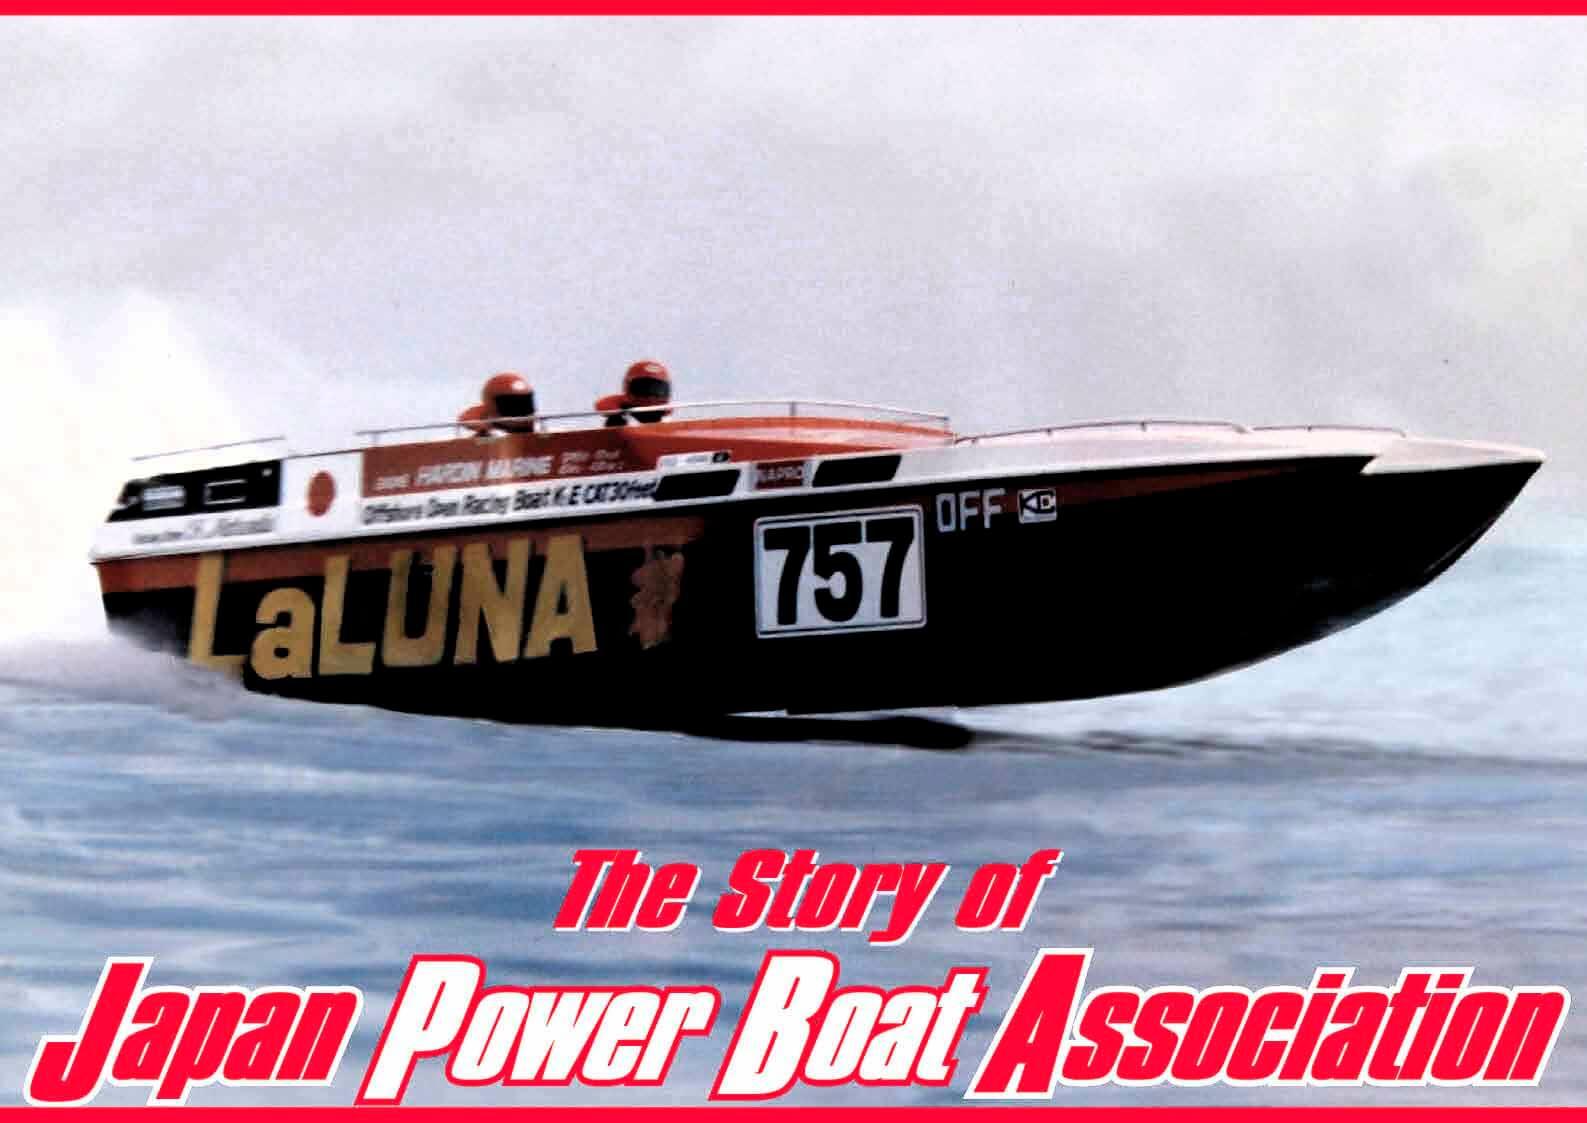 日本パワーボート協会物語 Ver.3 日本人で初めてF1マシンを作った男・小嶋松久氏  ジェットスキー(水上バイク)